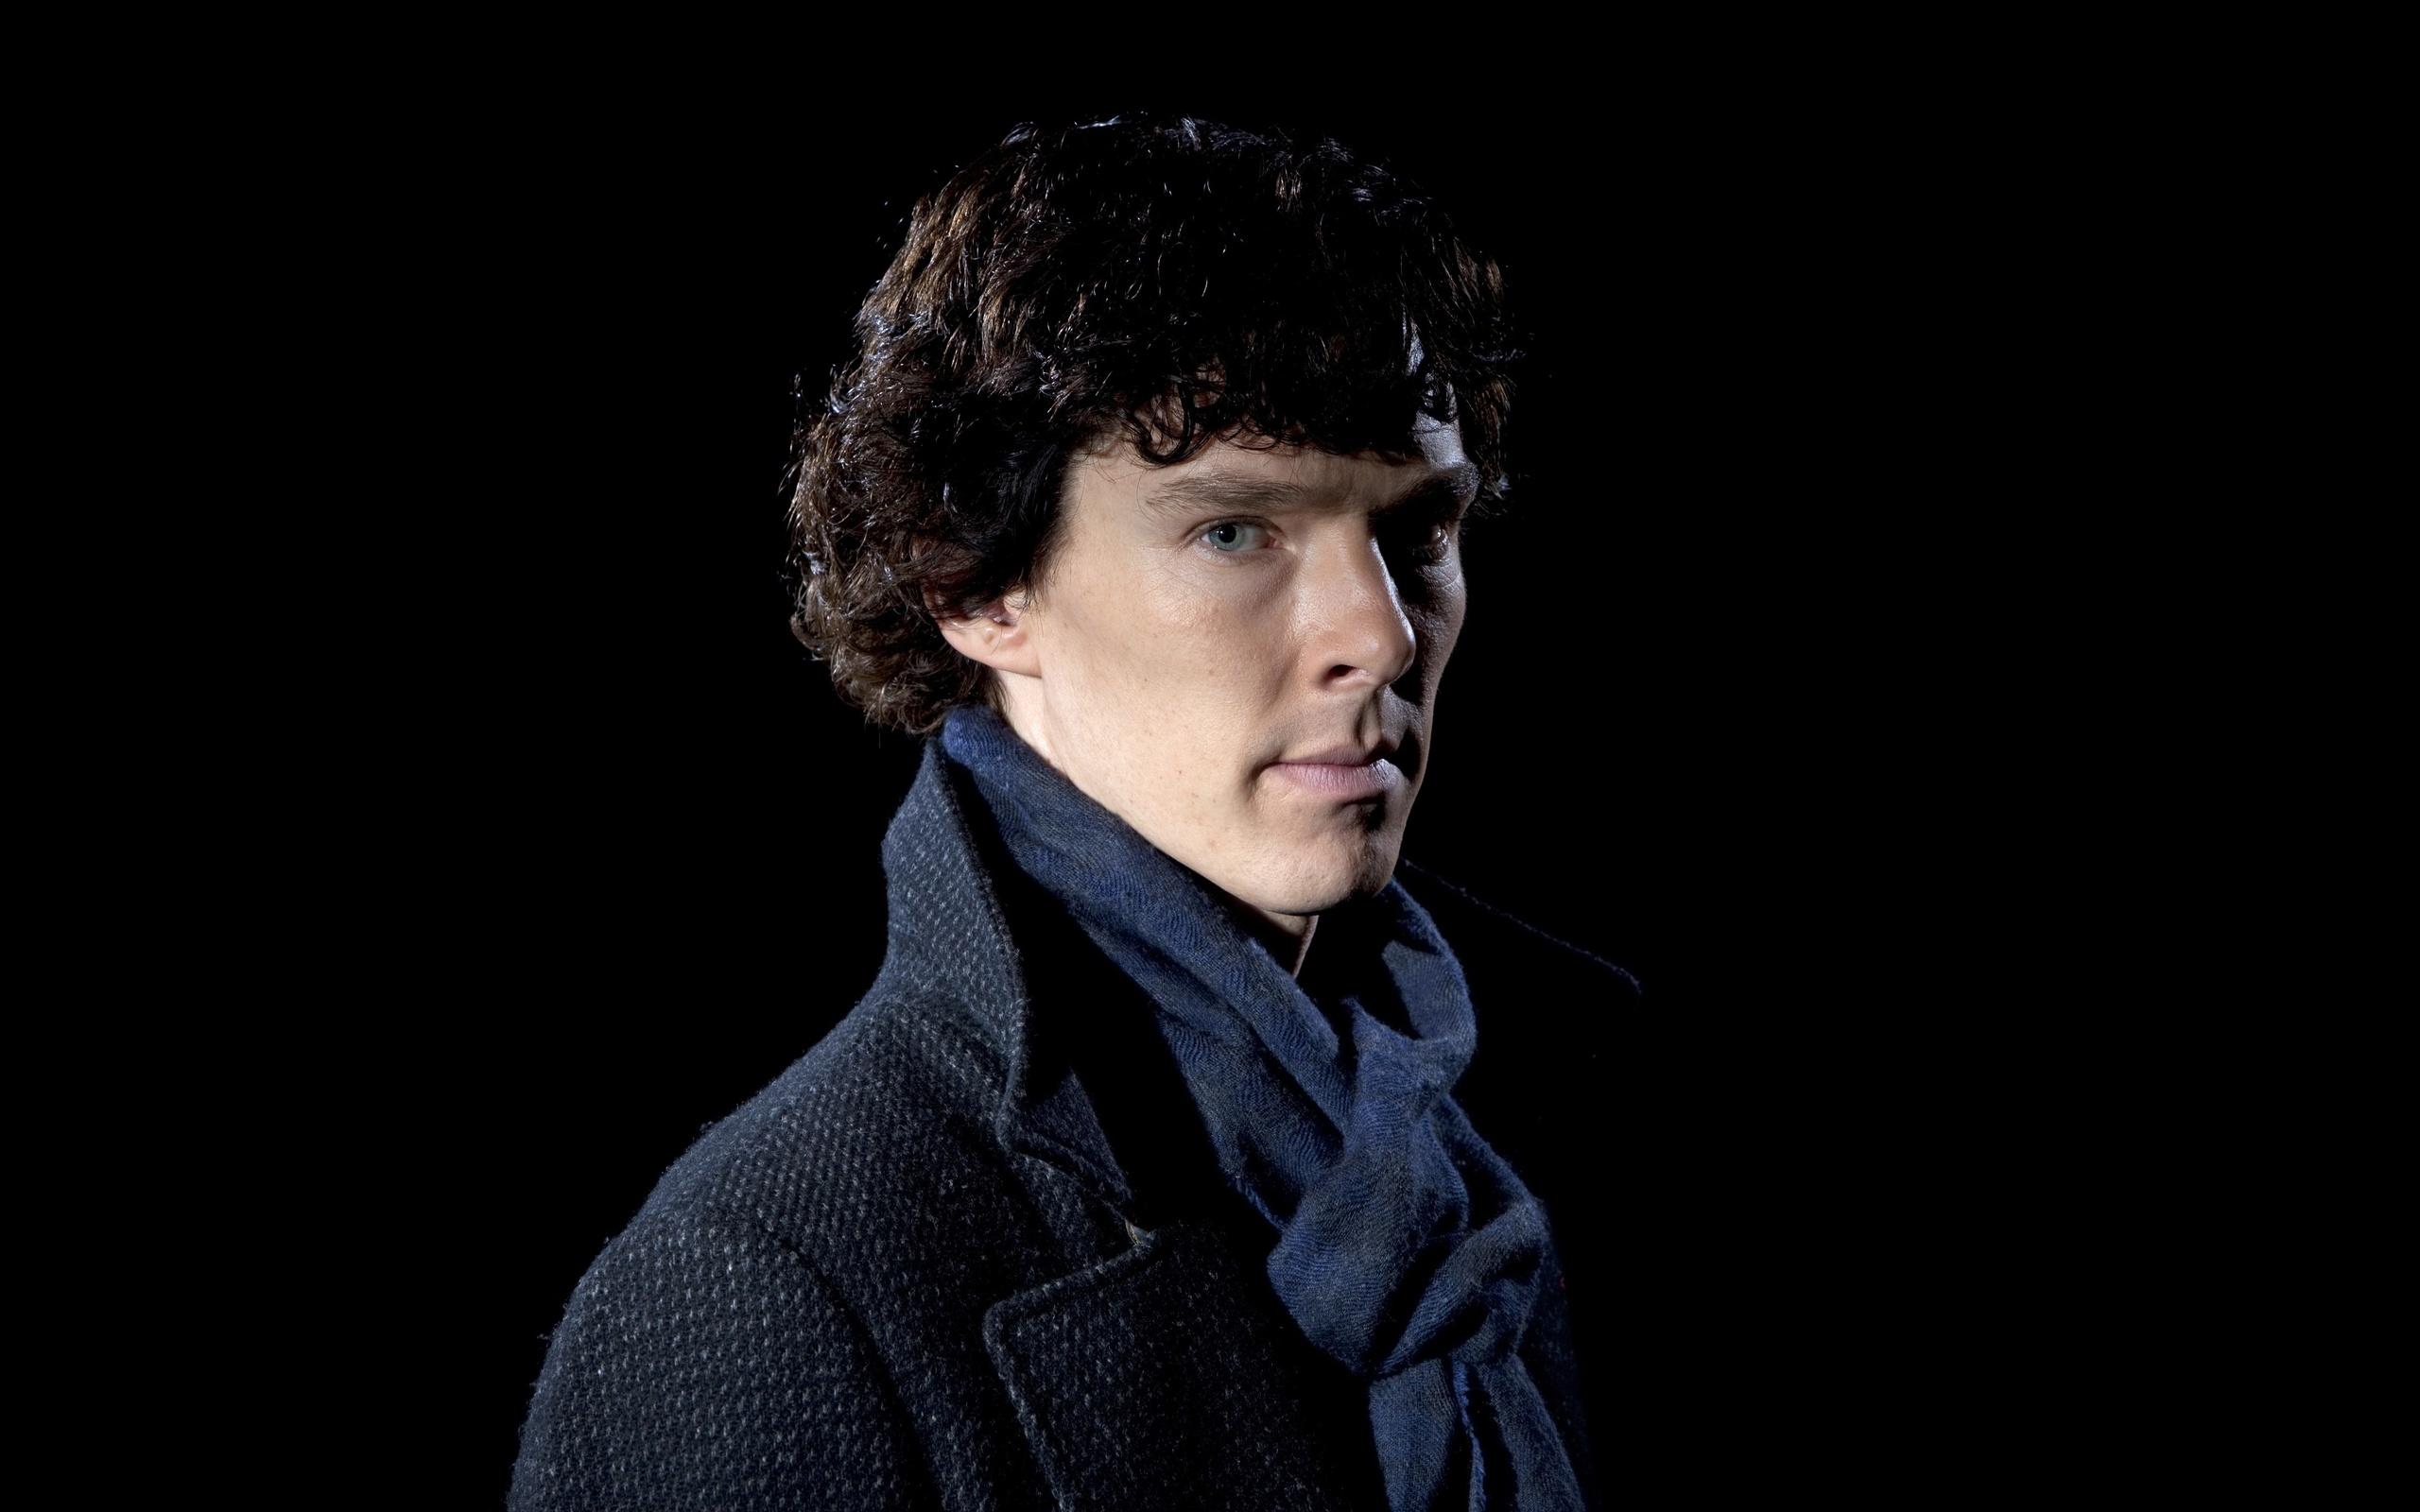 BBC, Sherlock, Human, Sherlock Saves John's Life, Sherlock Holmes, Sir Arthur Conan Doyle, Mrs. Hudson, MrsHudson, John, Belgravia, Mrs Hudson